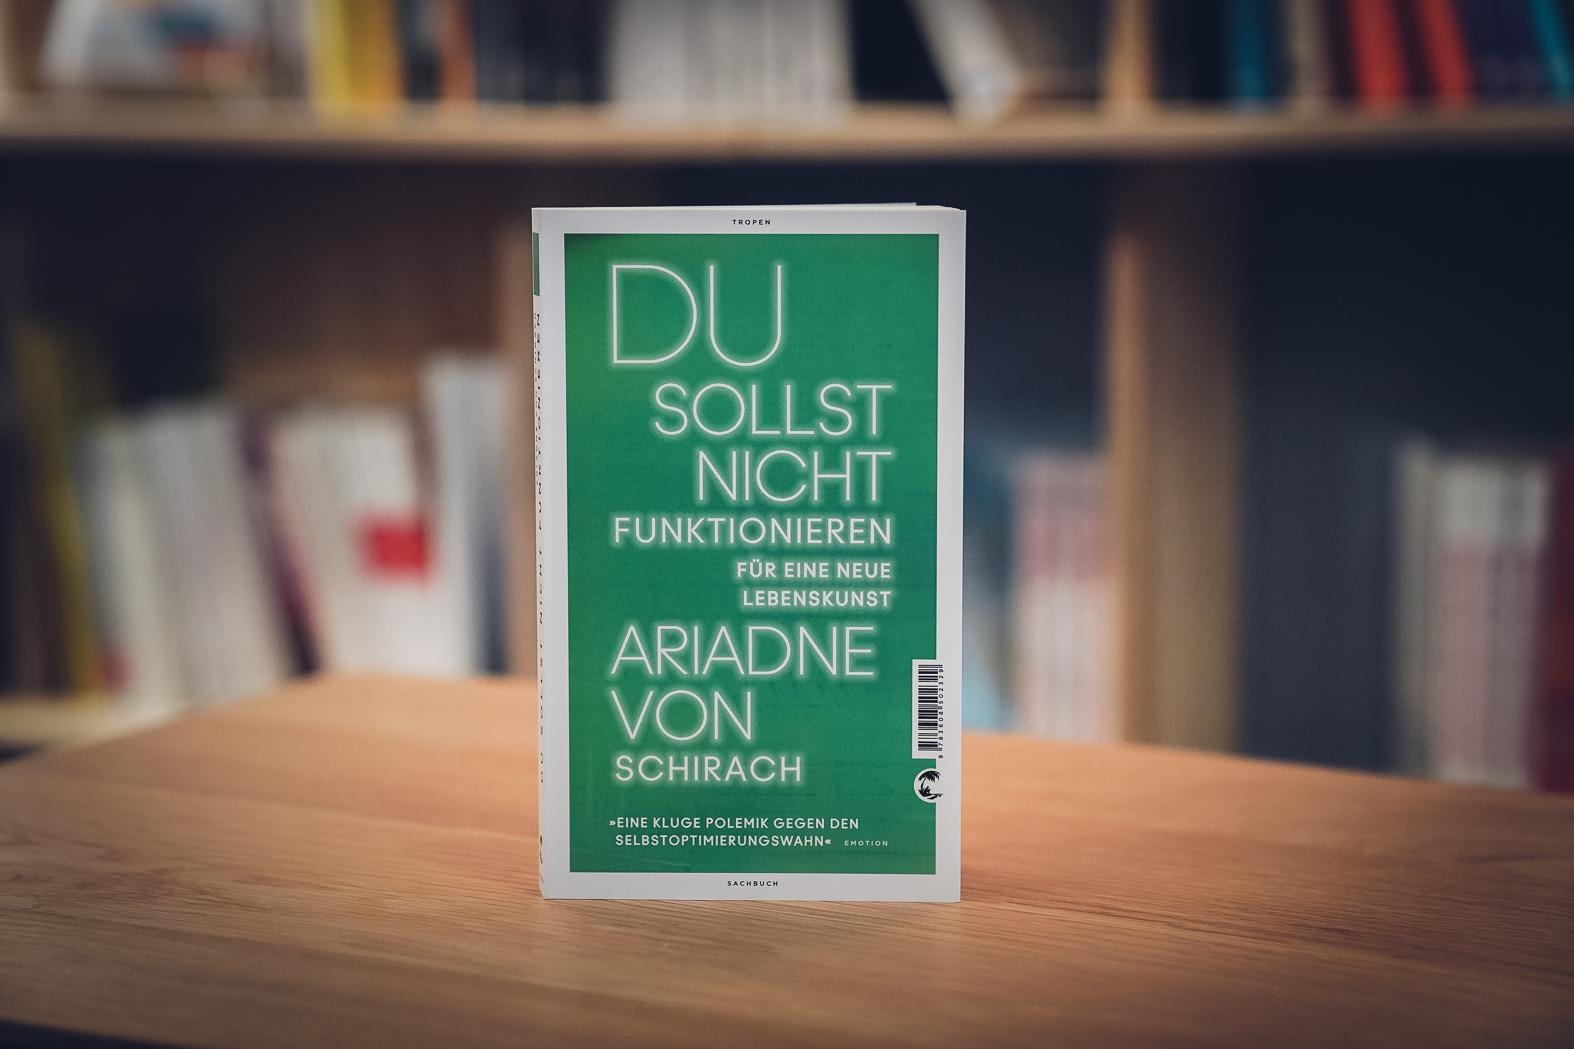 Ariadne von Schirach,